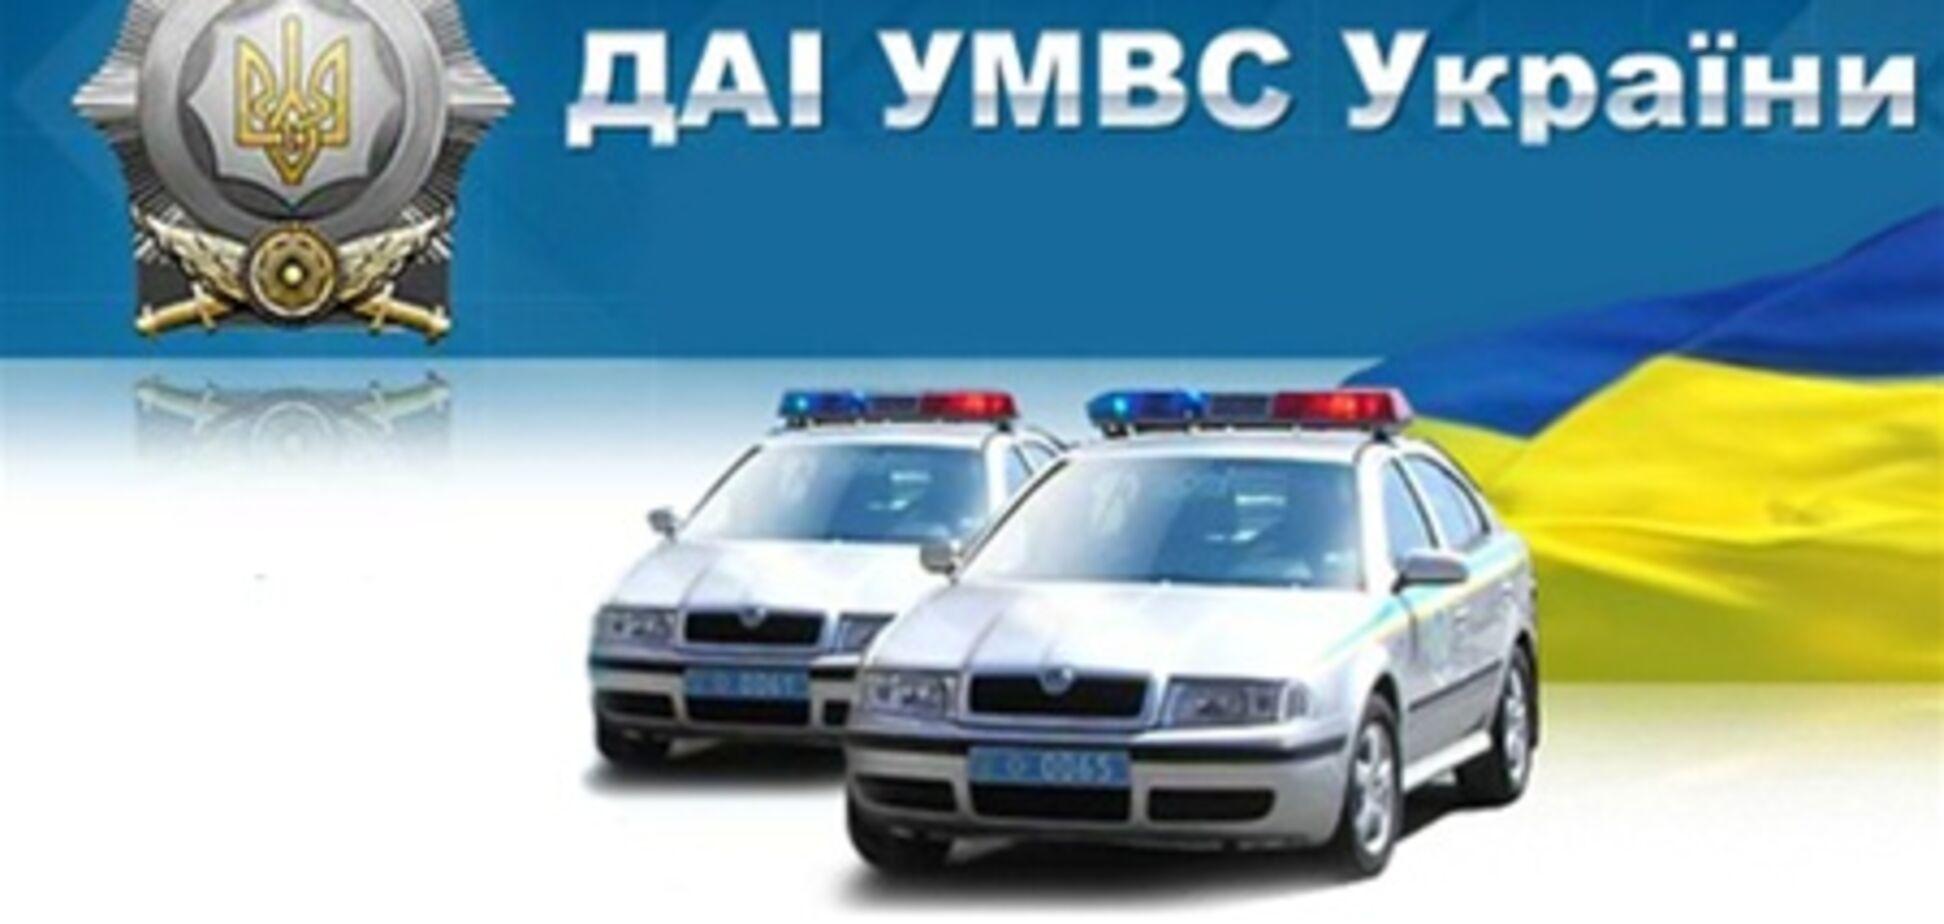 Кабинет Министров ужесточил меры безопасности в правилах перевозки детей